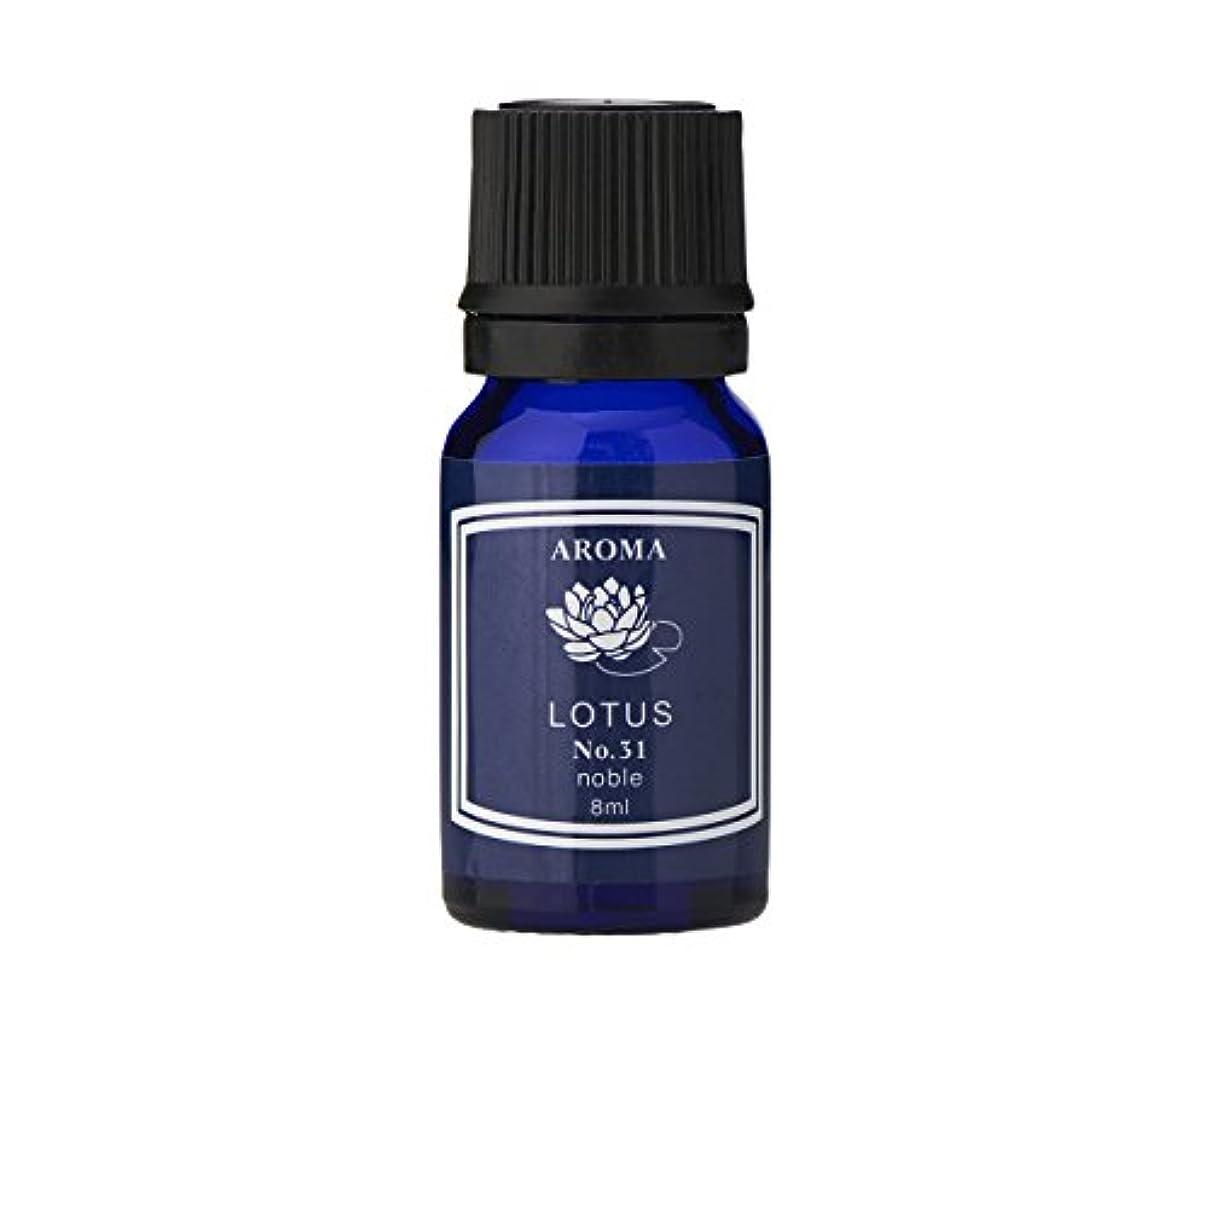 ブルーラベル アロマエッセンス8ml ロータス(アロマオイル 調合香料 芳香用)